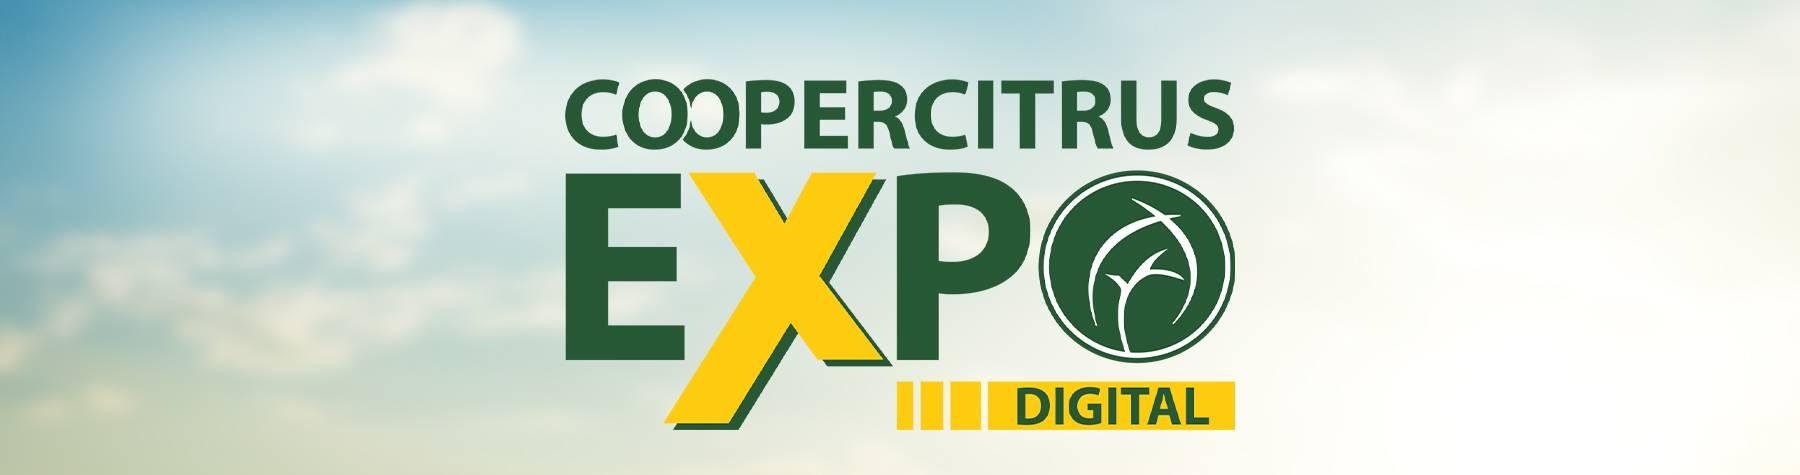 Coopercitrus Expo